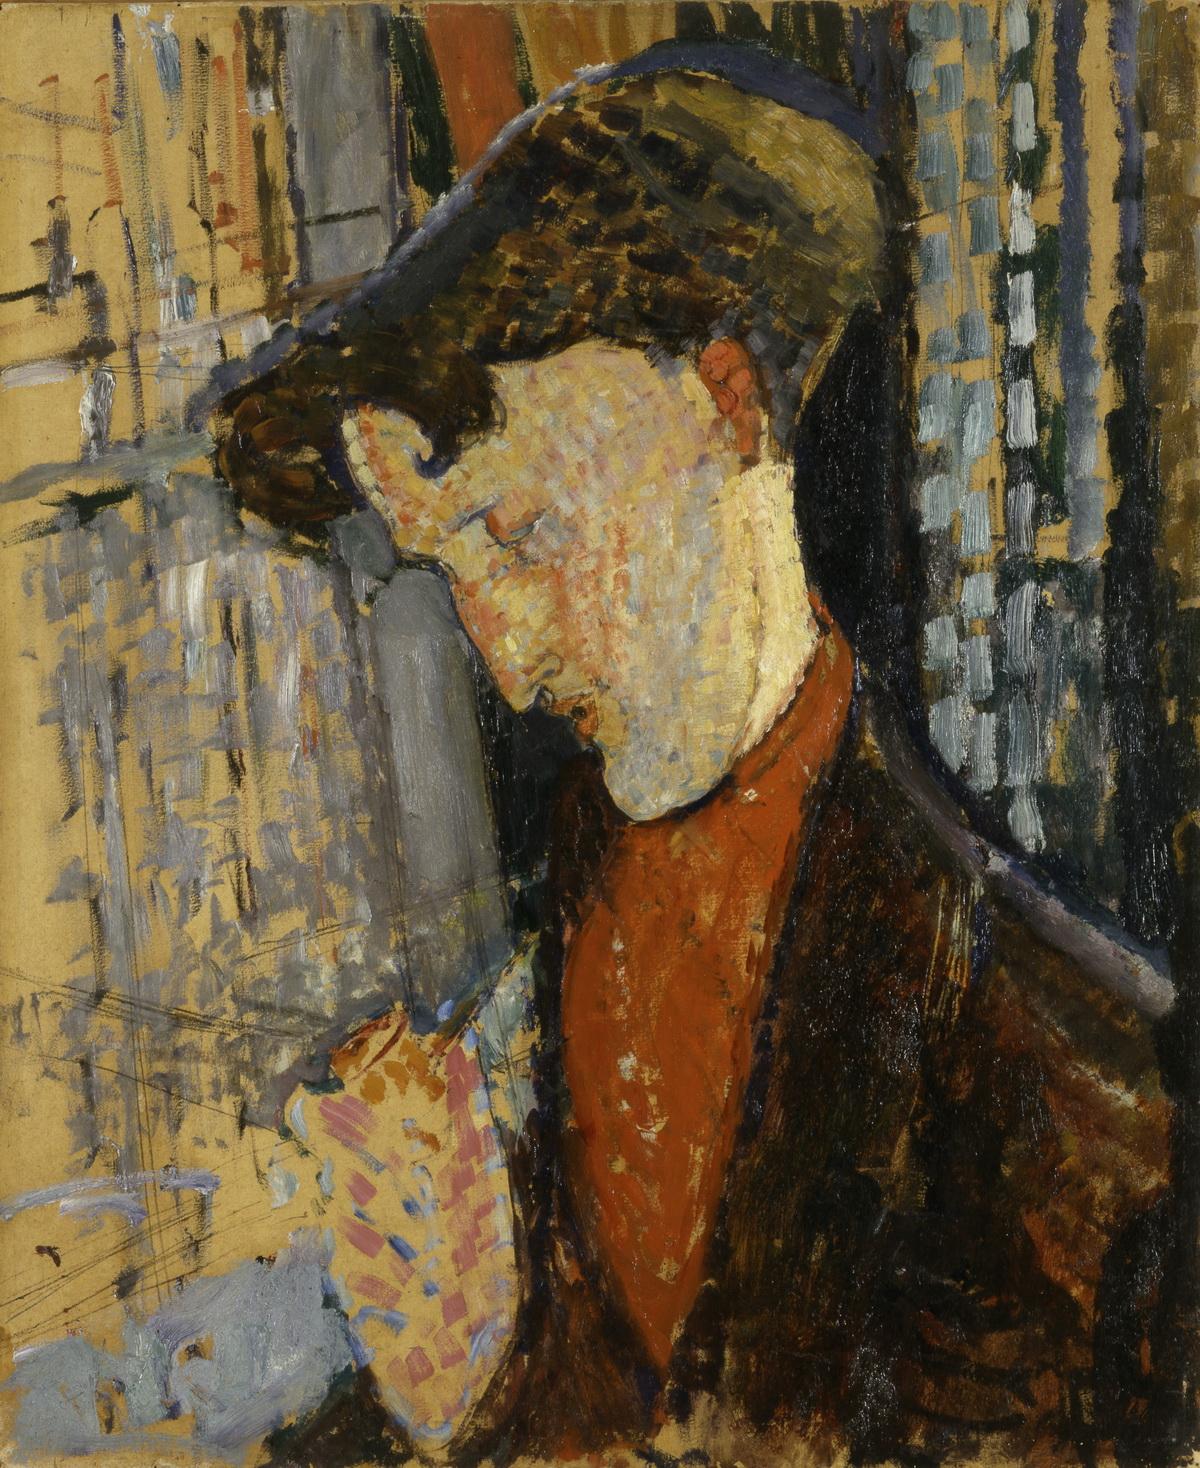 Амедео Модильяни. Портрет художника Фрэнка Хэвиленда. 1914